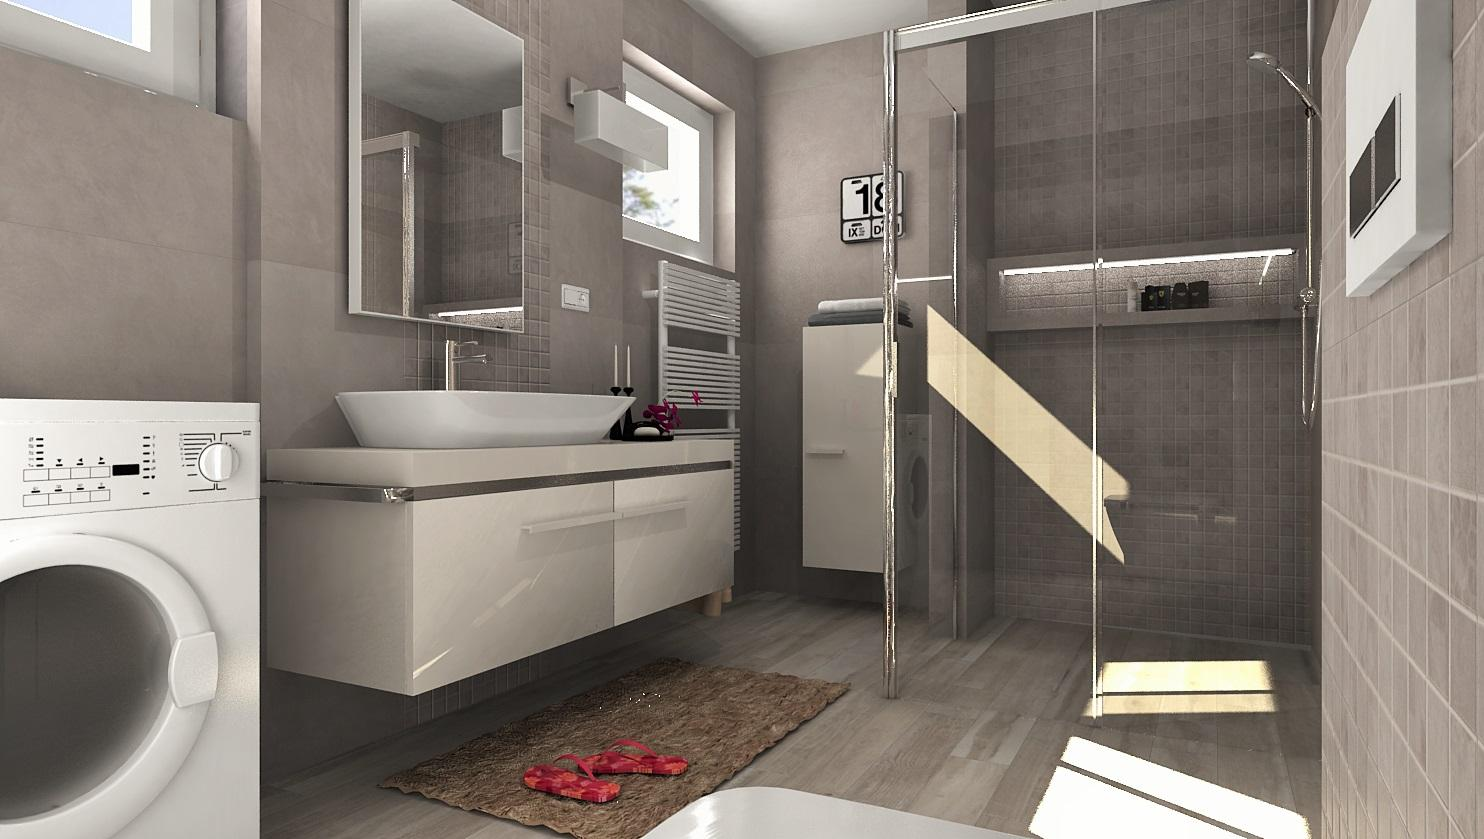 Vizualizácie kúpeľne - Vizualizácia kúpeľne W.GREY & SELECT